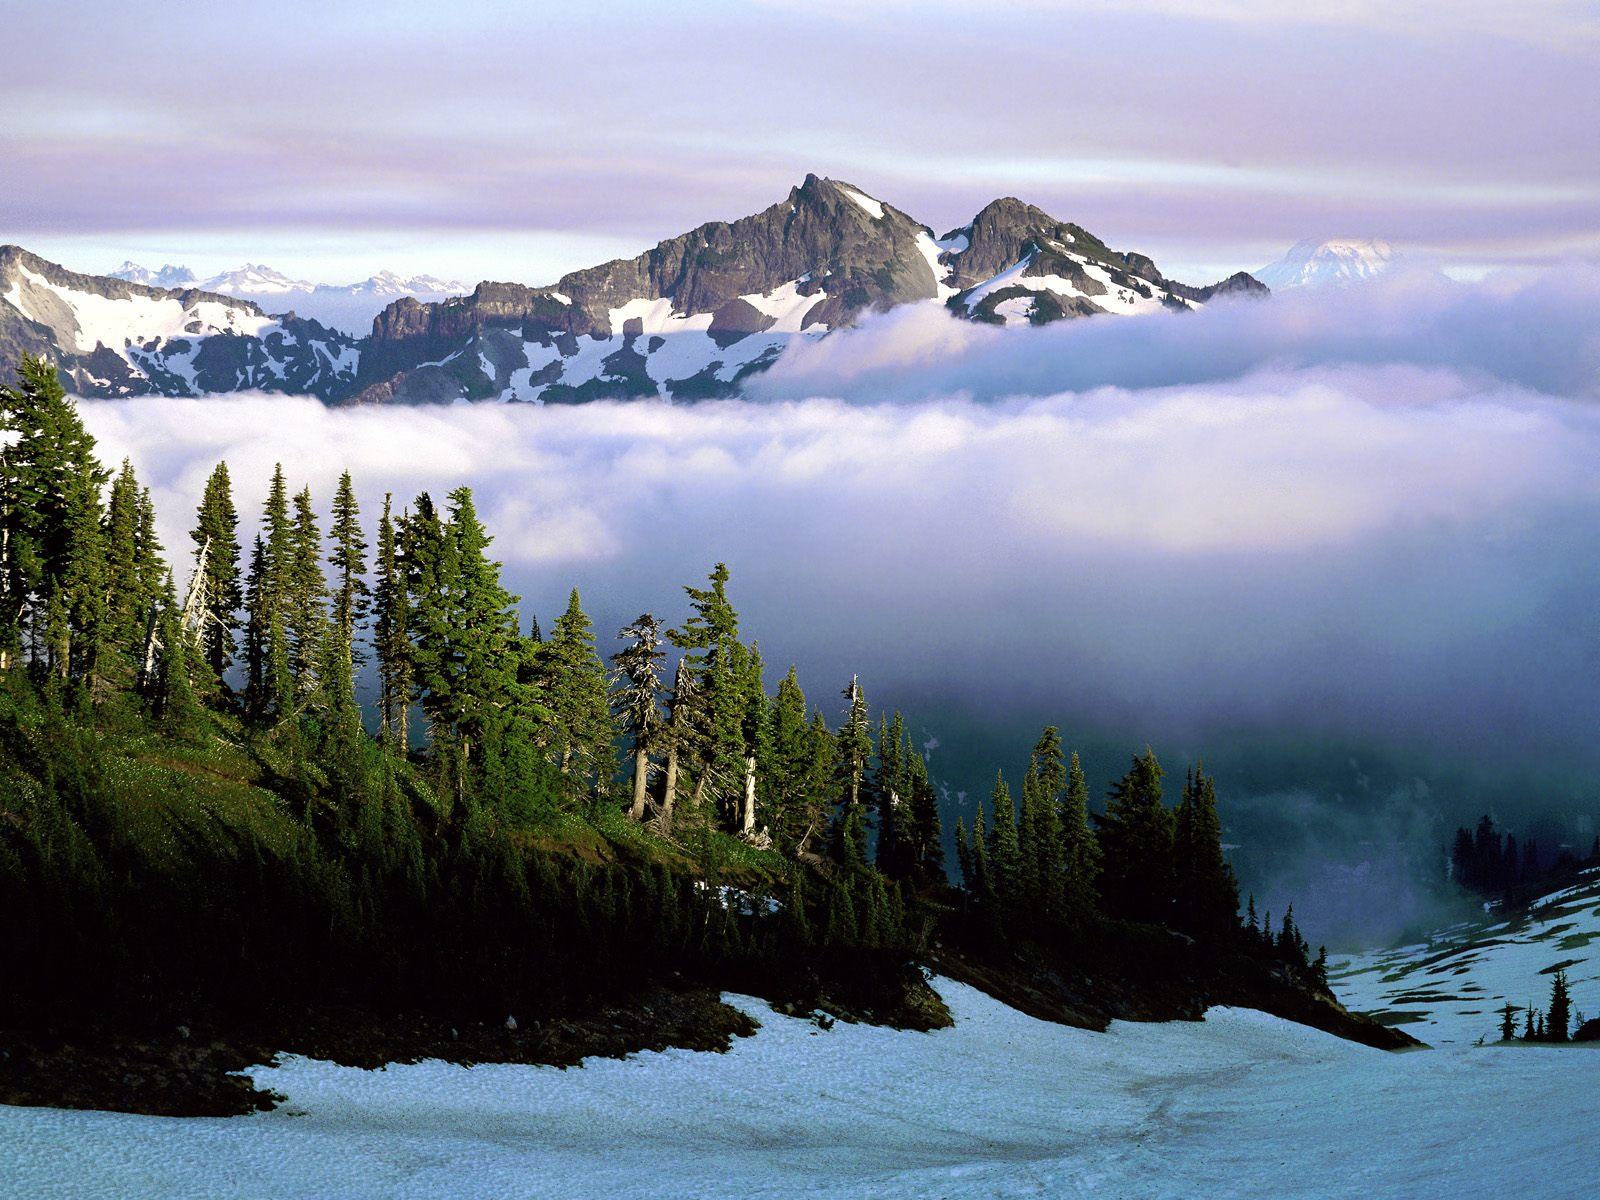 Cloud Cover Mount Rainer National Park Washington